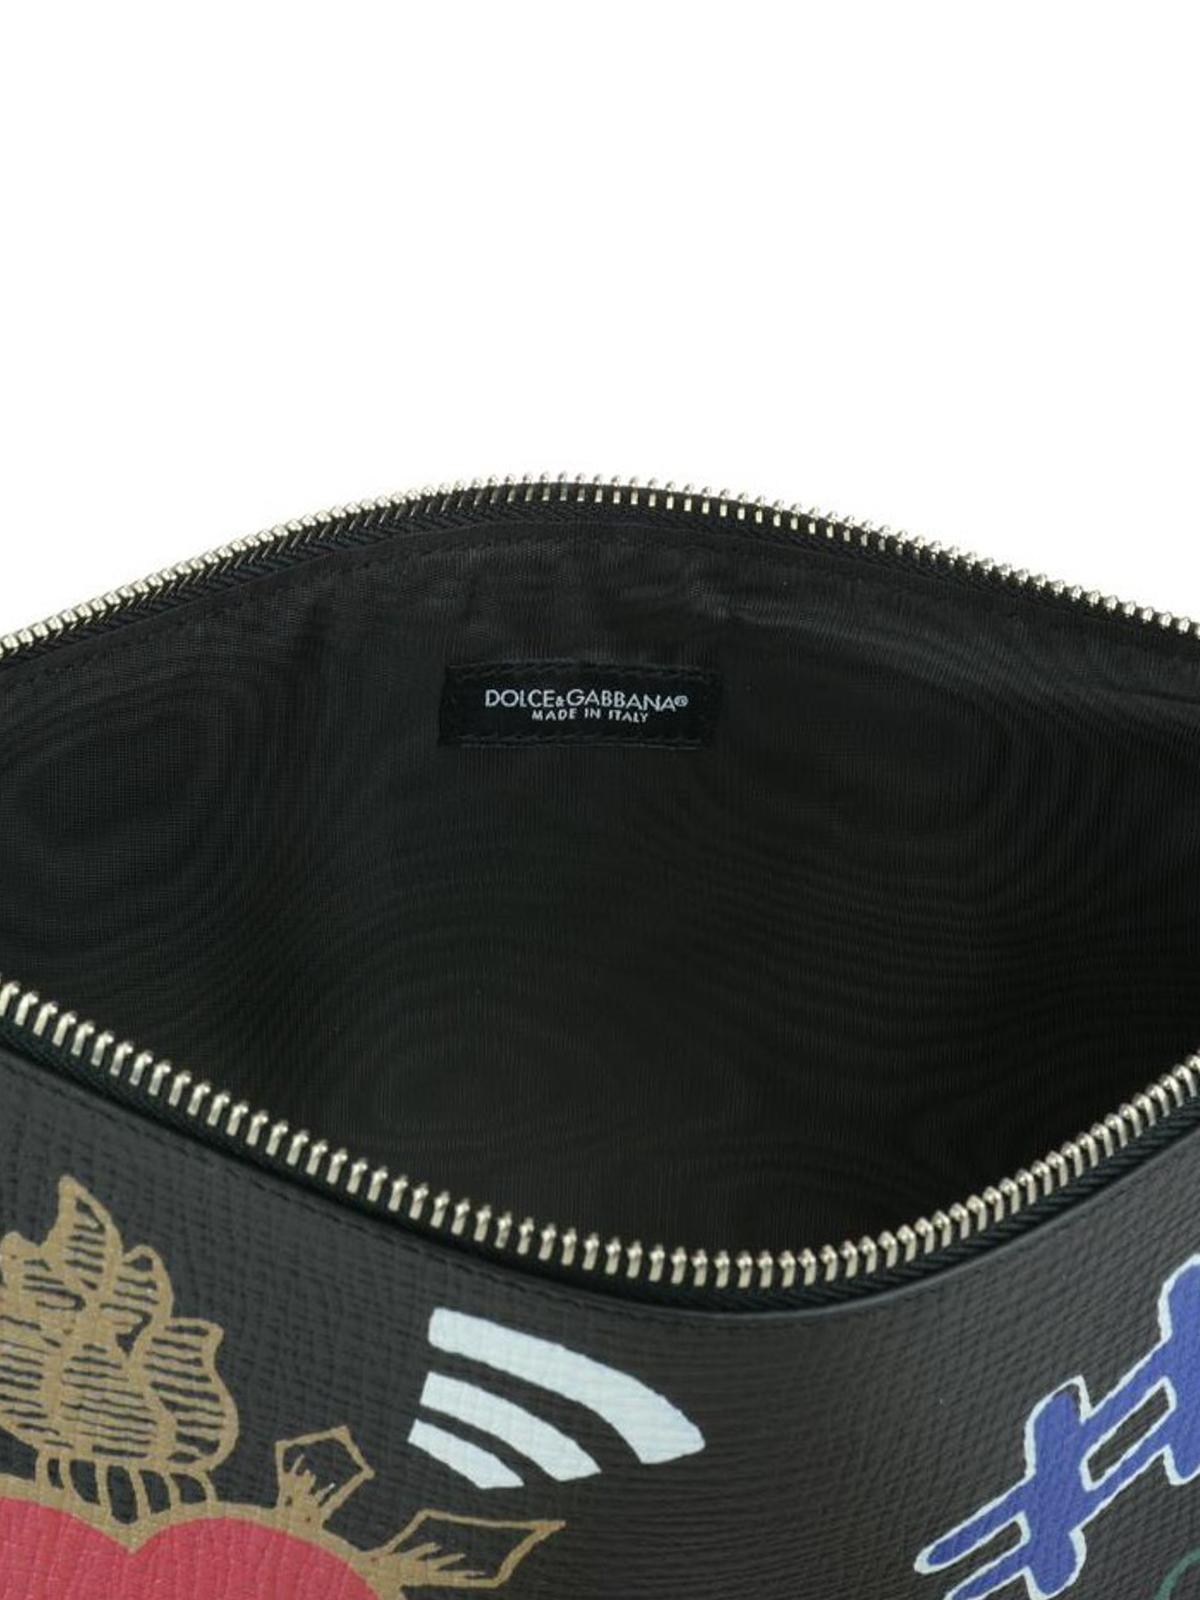 0fdf0f5b3ecea Dolce   Gabbana - Portadocumenti in pelle stampata - pochette ...